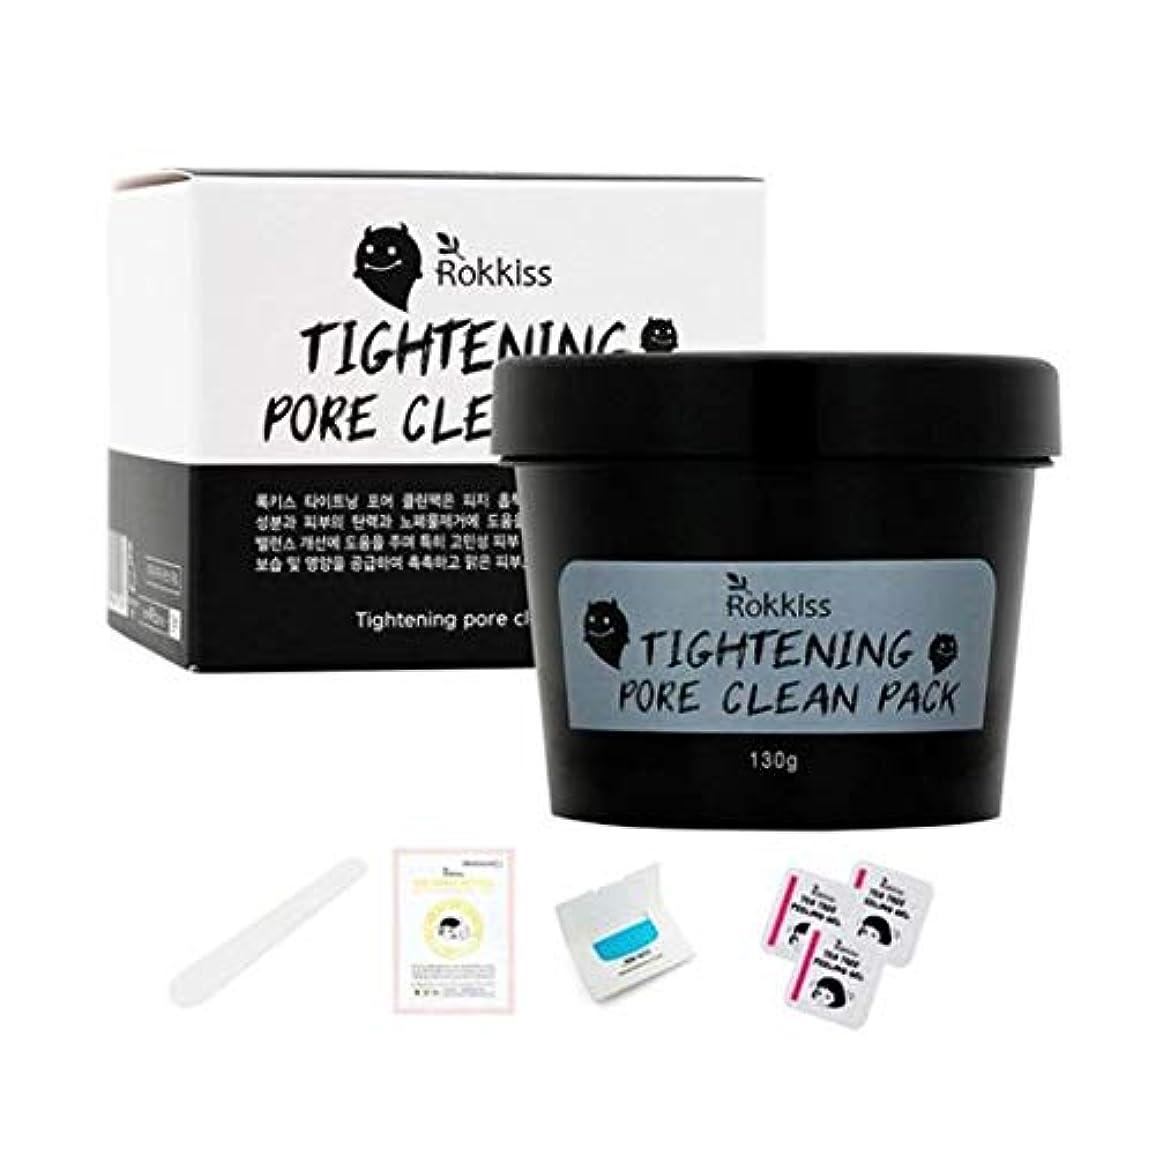 アクセサリー芝生セミナー【Rokkis] Tightening Pore Clean Pack/強力な吸着毛穴パックセット/カオリン、ベントナイト、マッド成分含有/皮脂除去/毛穴収縮/追加4種プレゼント贈呈[並行輸入品]